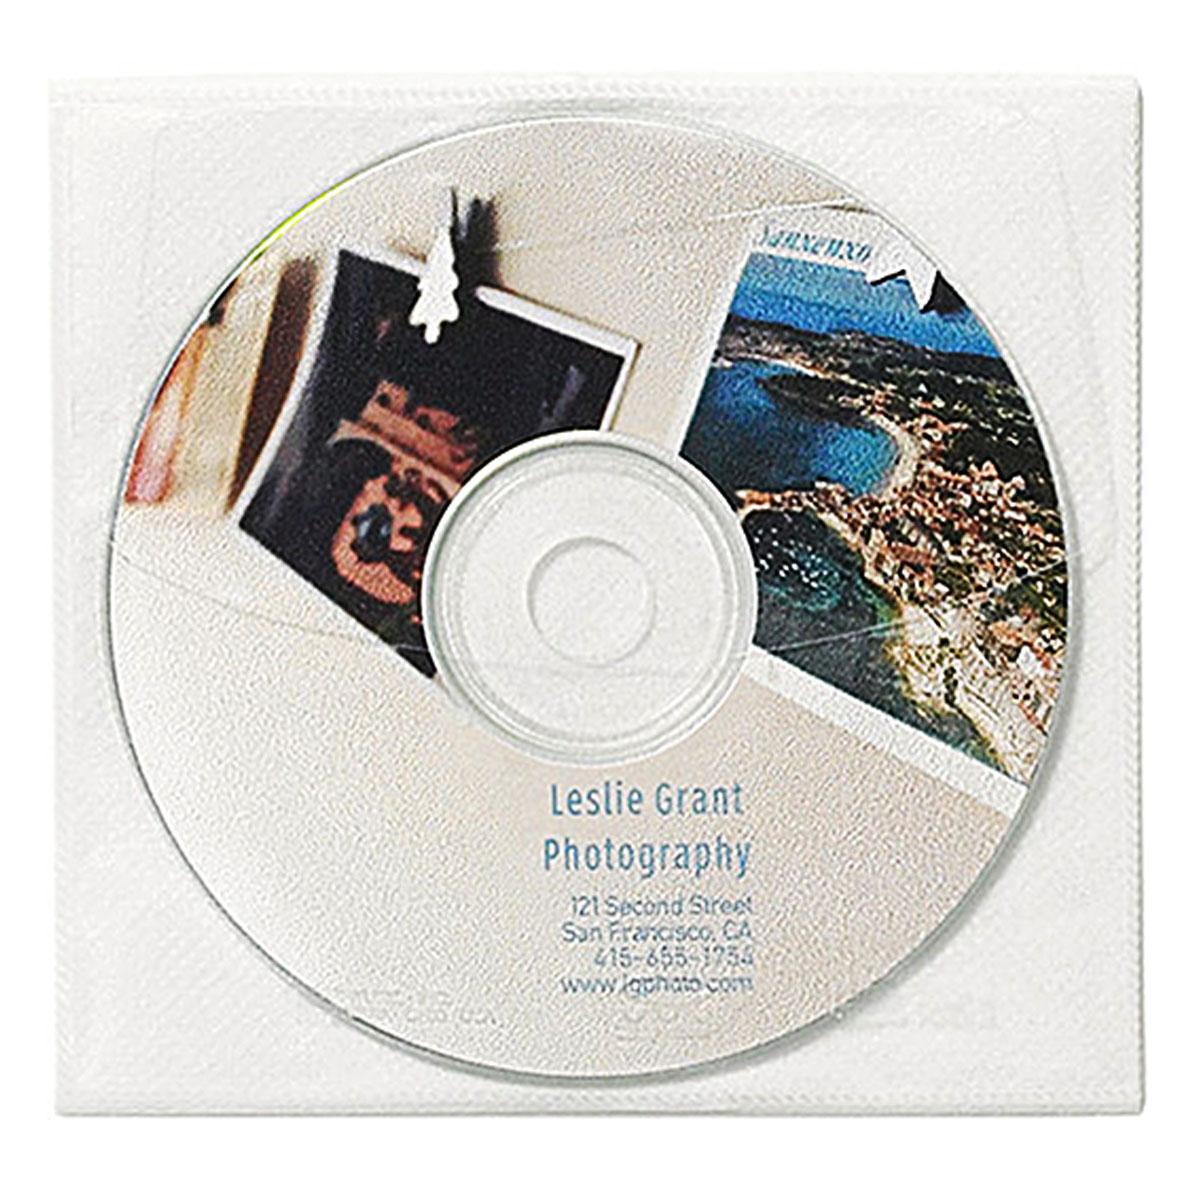 CD Pockets 5 Pockets